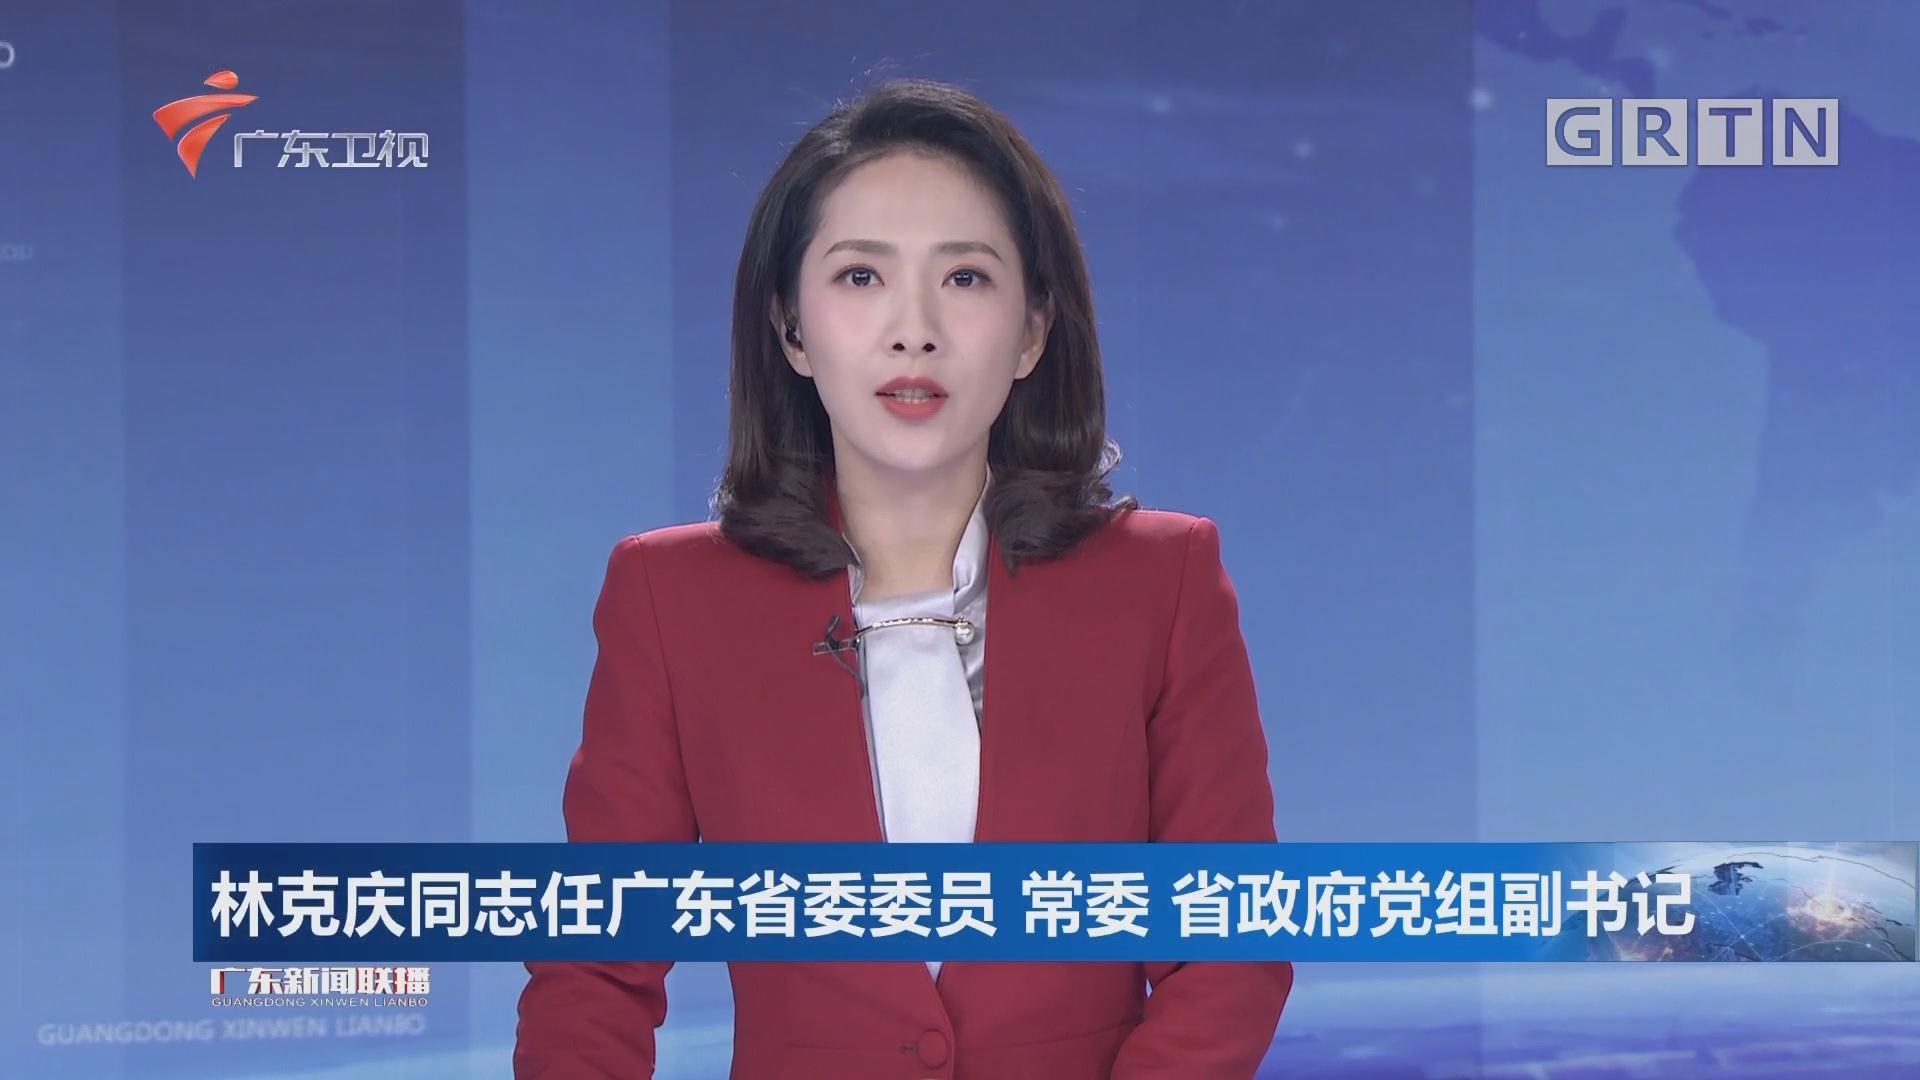 林克庆同志任广东省委委员 常委 省政府党组副书记